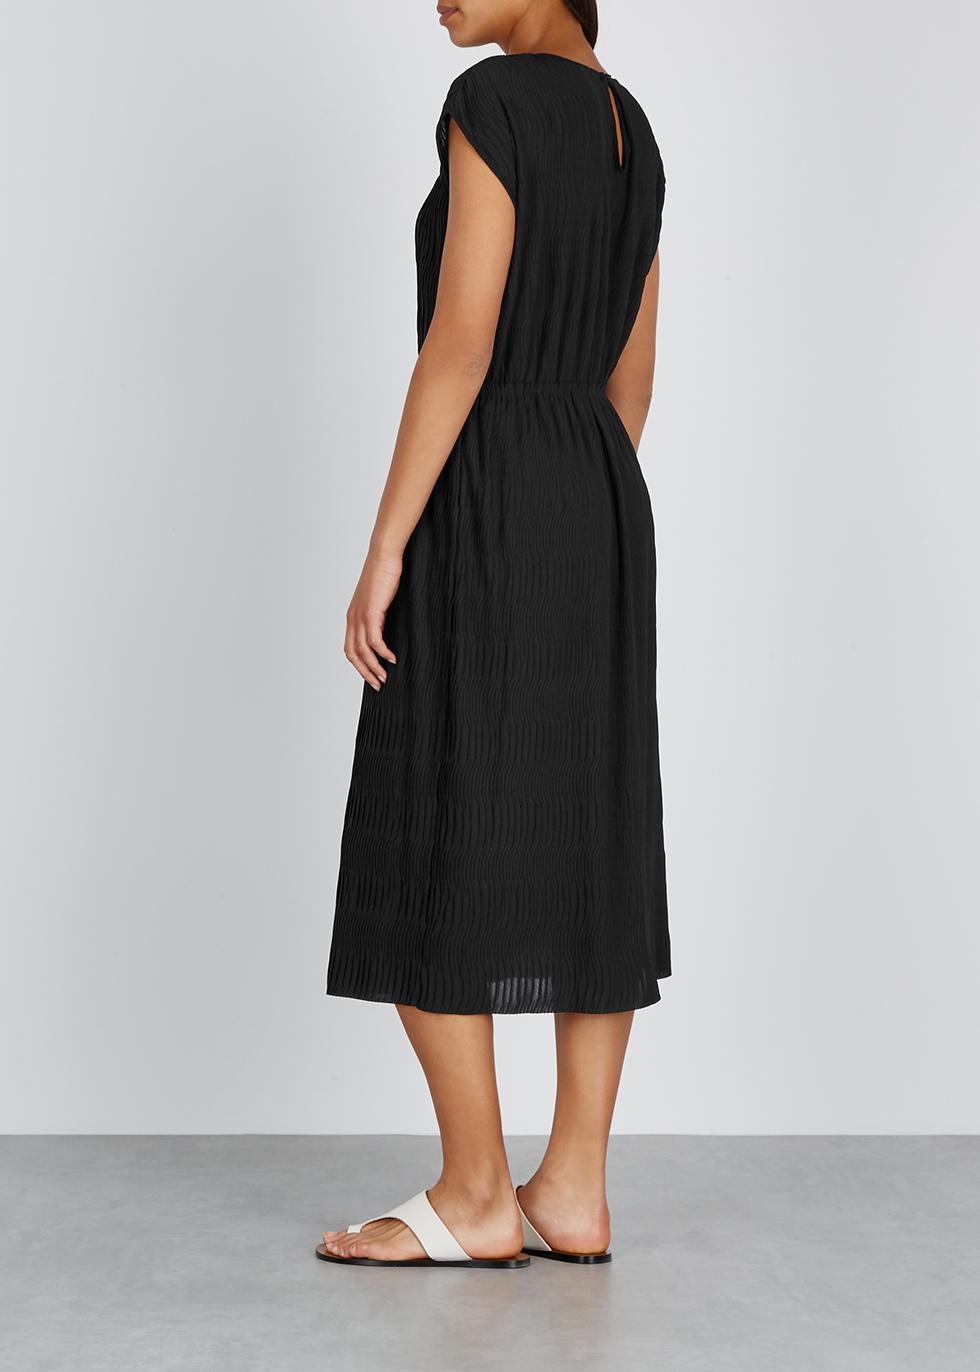 Black plissé midi dress - Filippa K